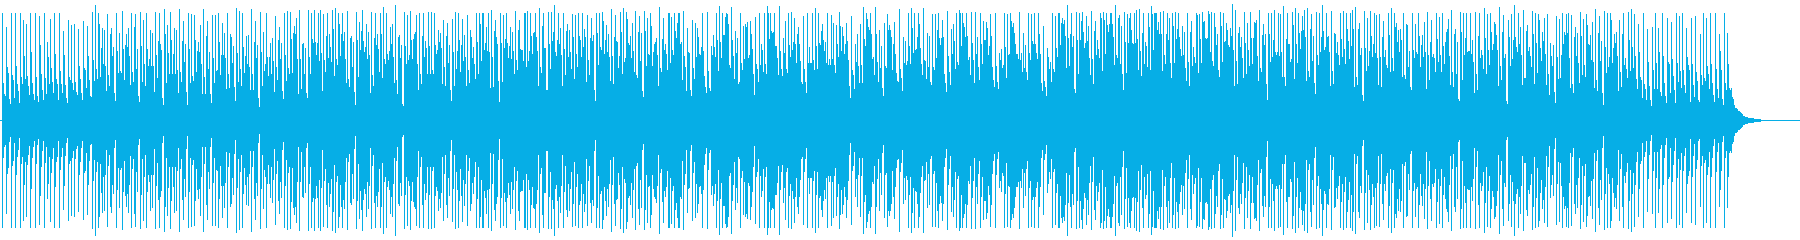 企業VP・CM シンセ・クリーン・浮遊感の再生済みの波形